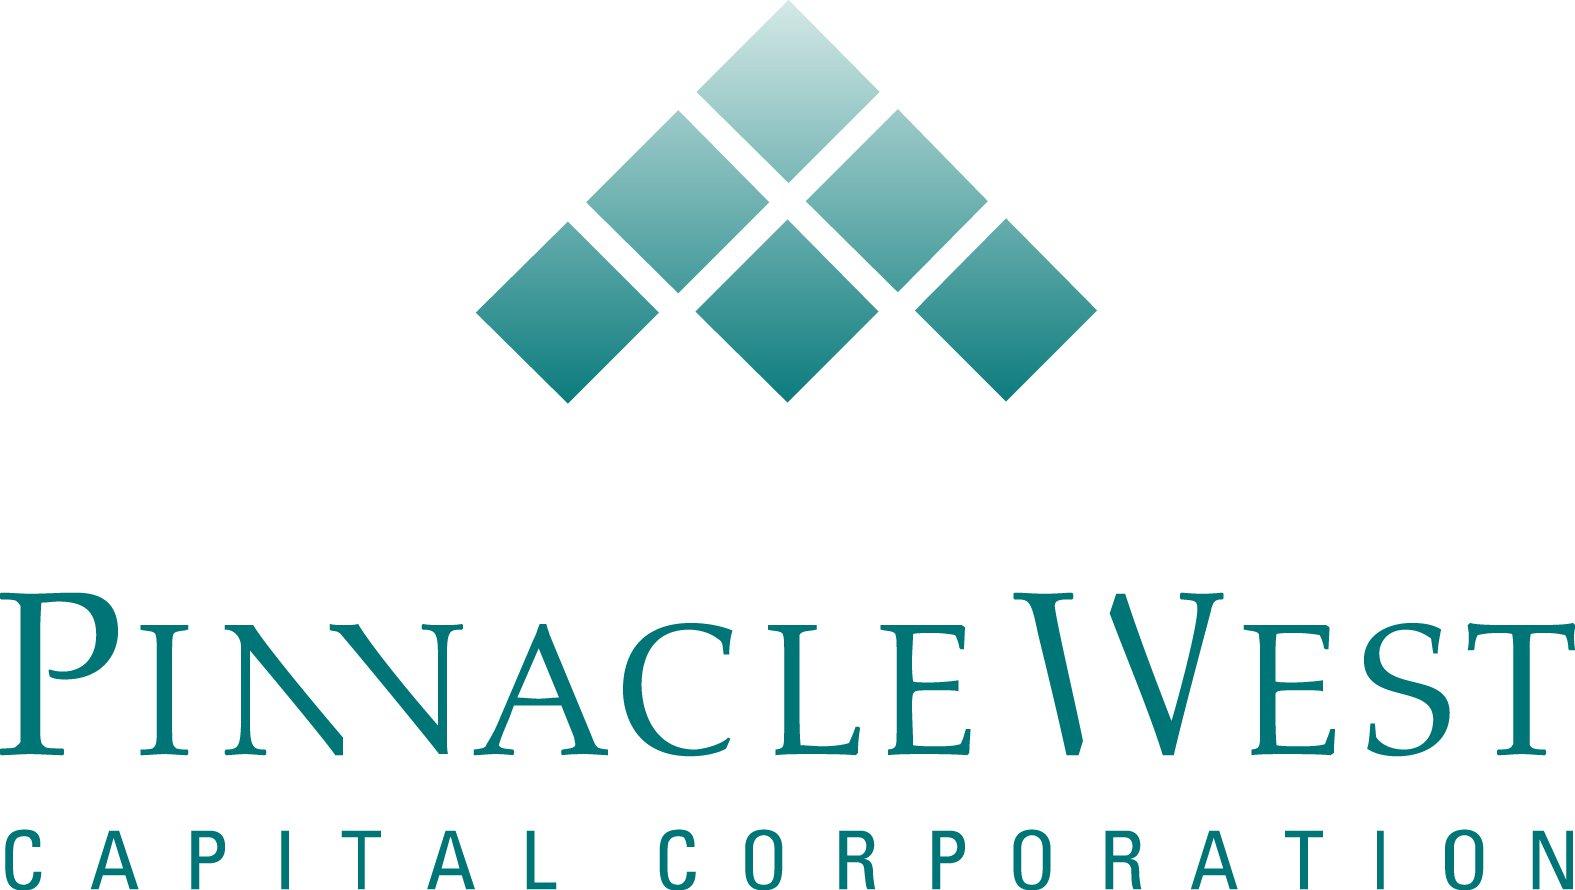 Pinnacle West Capital